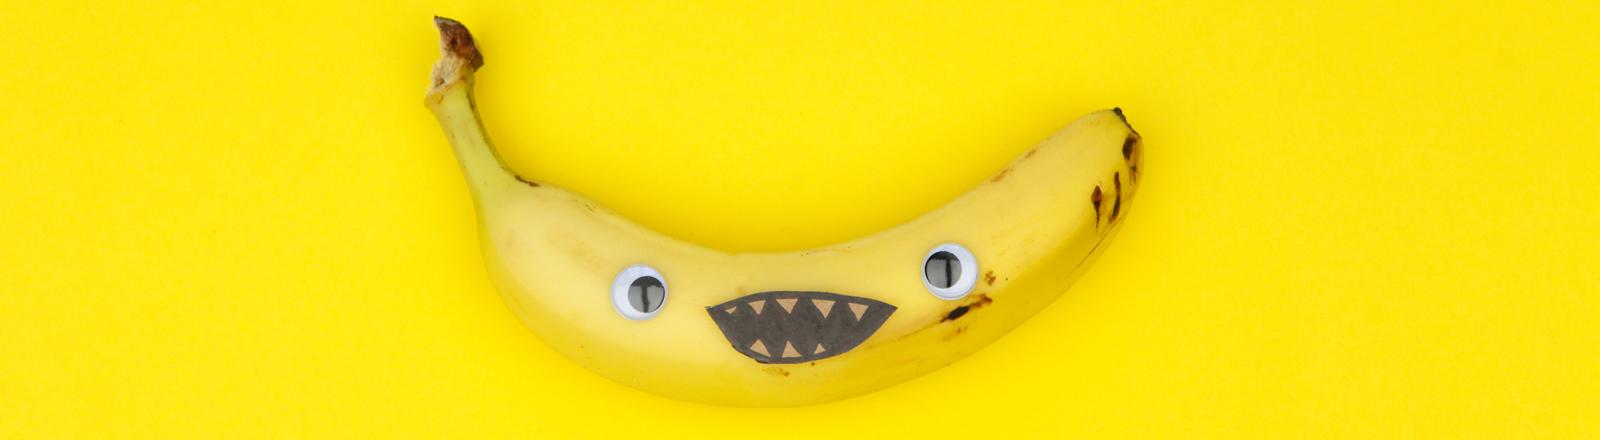 Banane mit aufgemaltem Gesicht